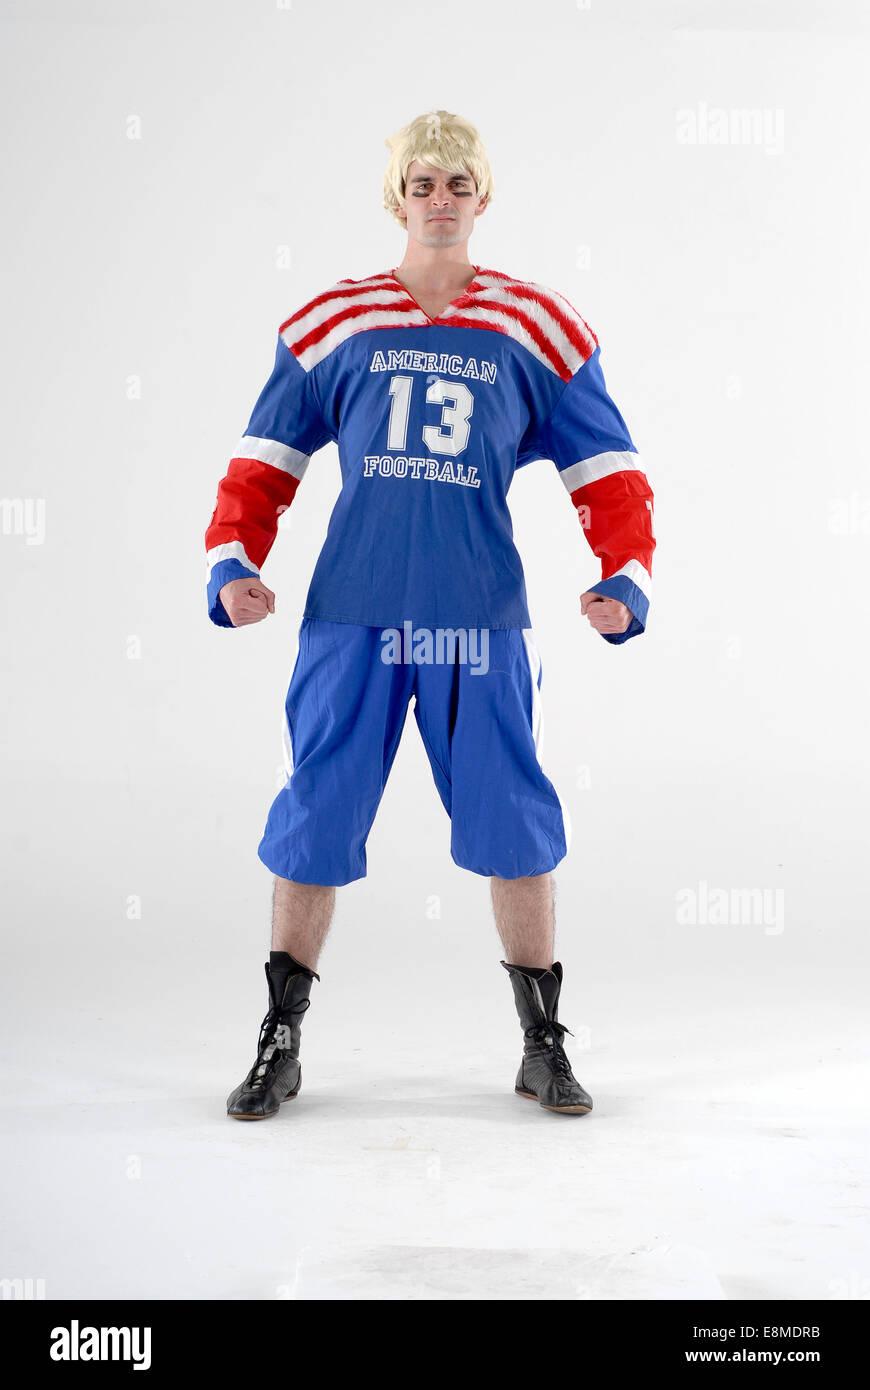 5d17a77d4b8f Uomo in costume costume da commedia come un giocatore di football americano  con piena di un kit sportivo